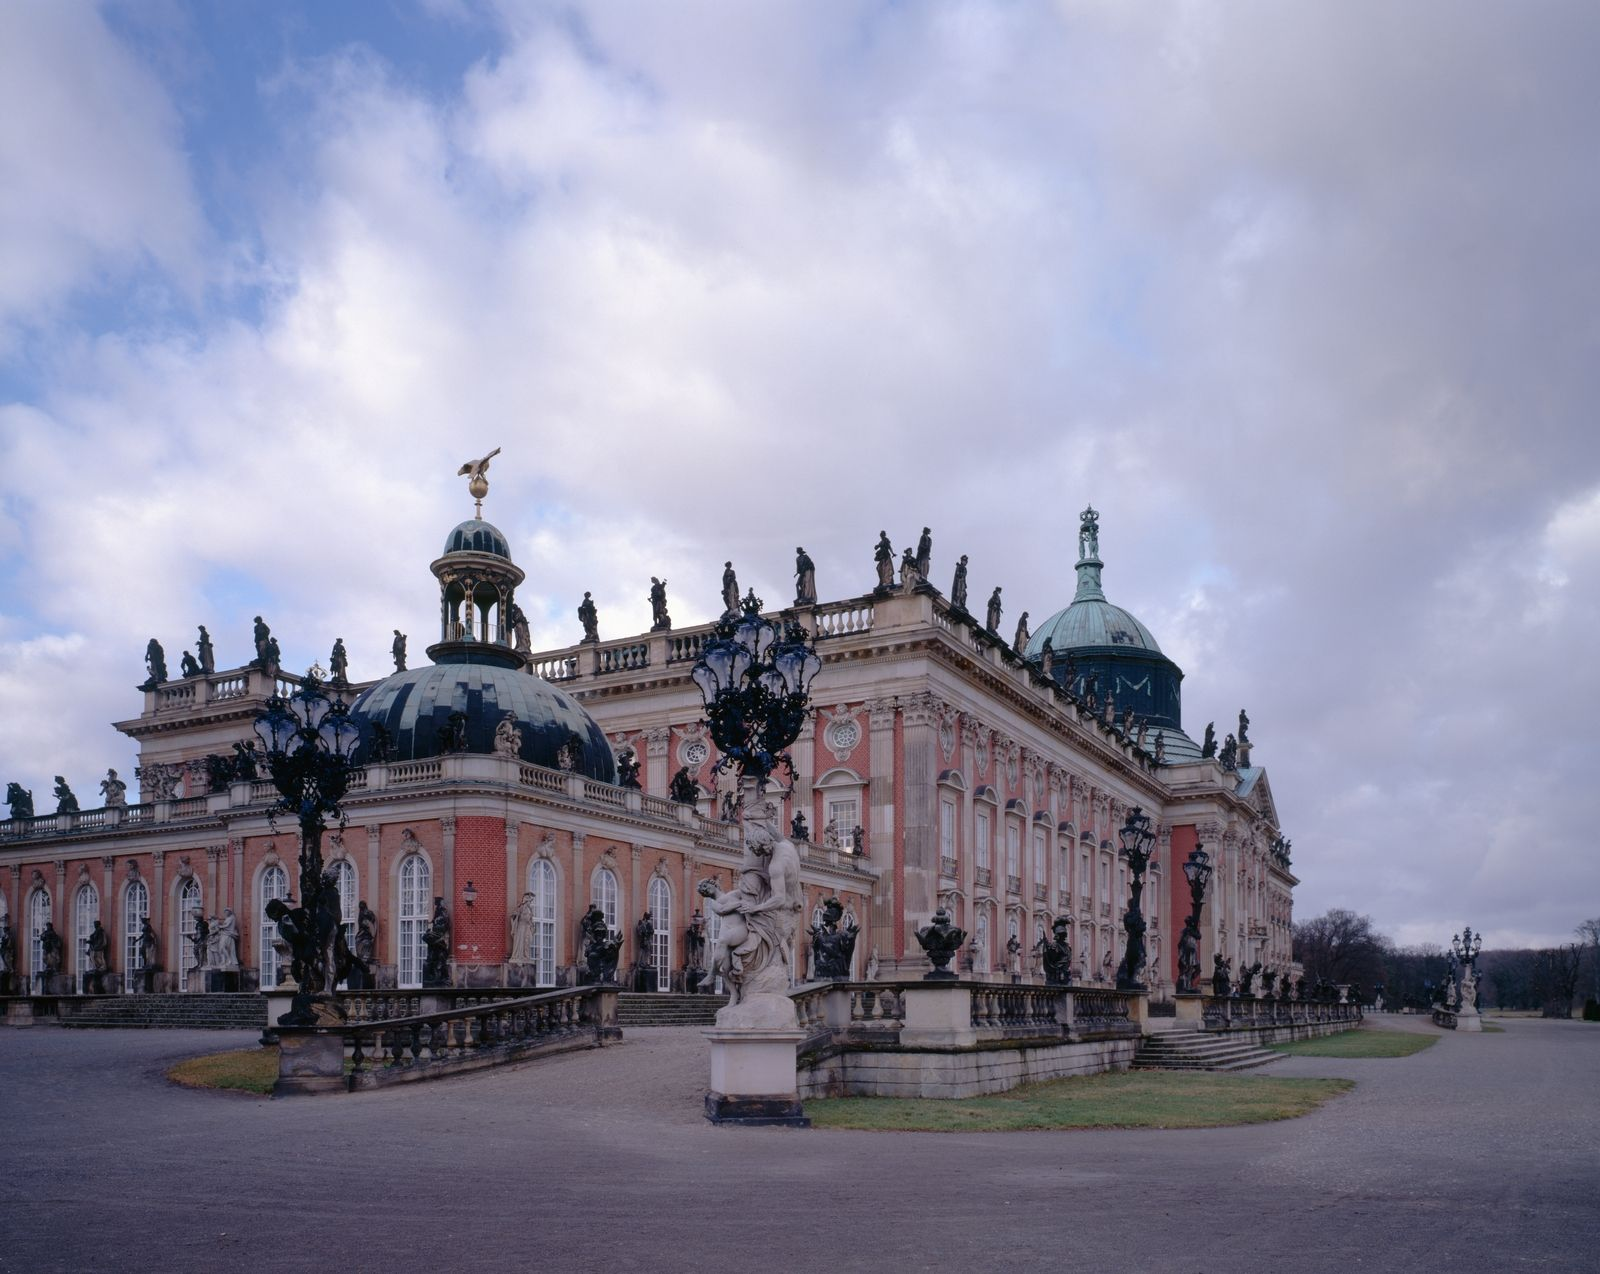 Planen Und Buchen Sie Ihre Reise Nach Potsdam Erhalten Sie Im Folgenden Alle Informationen Zu Sehenswurdigkeiten Veran Potsdam Tourismus Burgen Und Schlosser